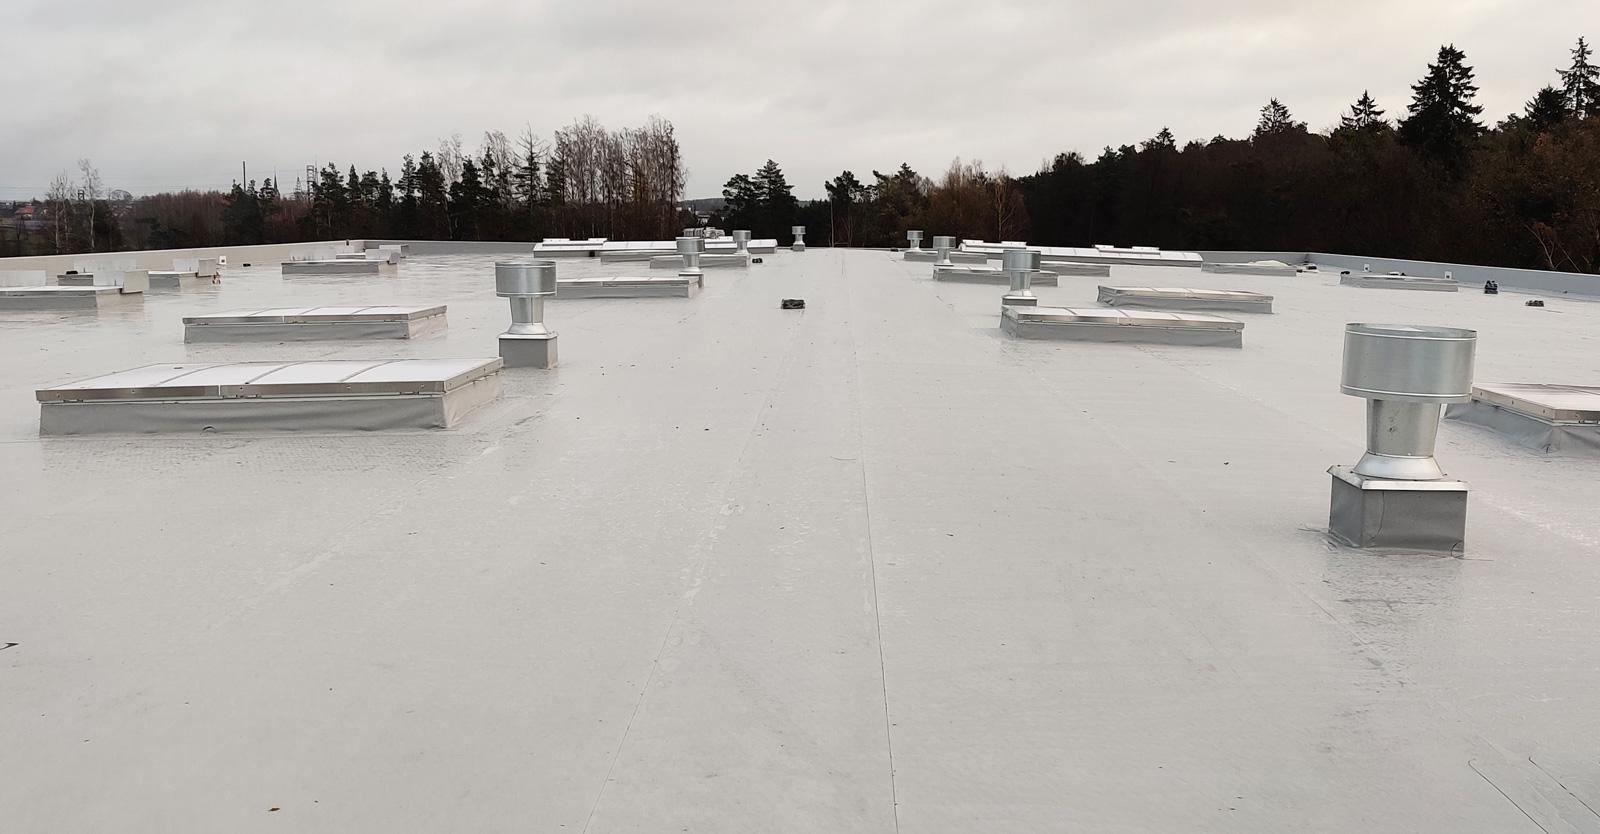 dach pokryty membraną PVC - magazyn produktów Inco SA, w Suszu, woj. warmińsko-mazurskie